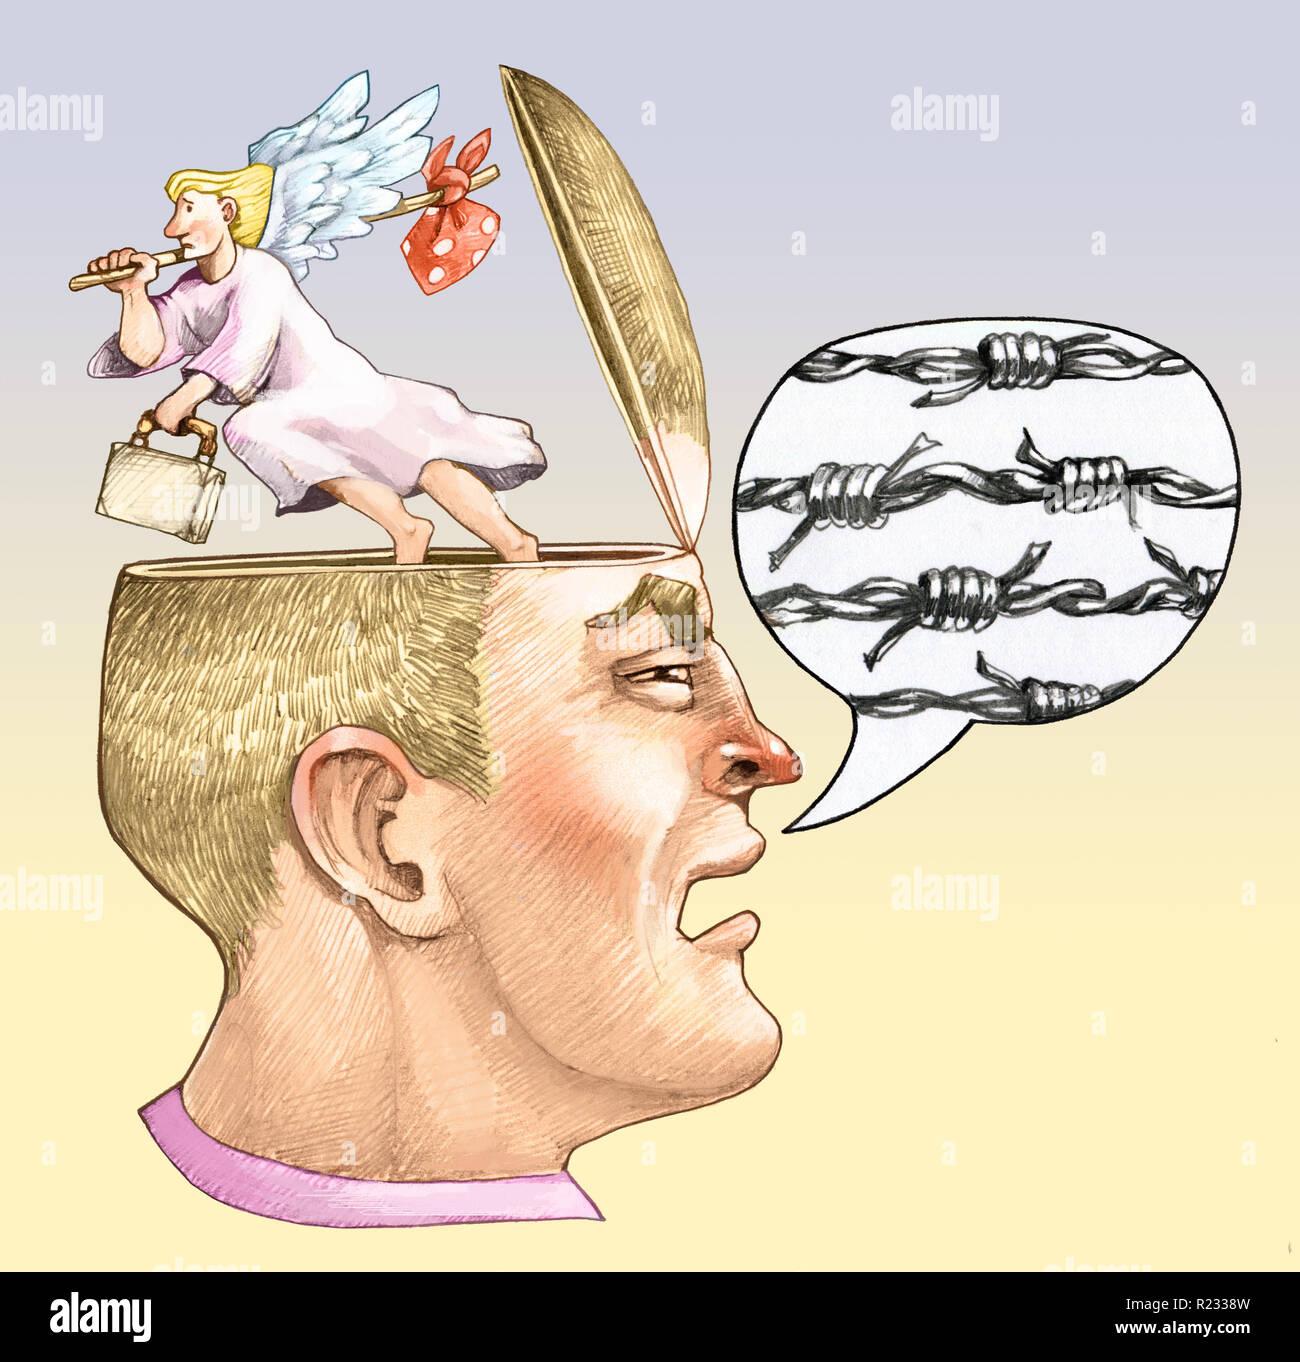 Ein männlicher Kopf im Profil Comic mit Knochen Thread aus dem Kopf der Engel des Gewissens entweicht Allegorie des Rassismus und Gewalt politische Stockfoto